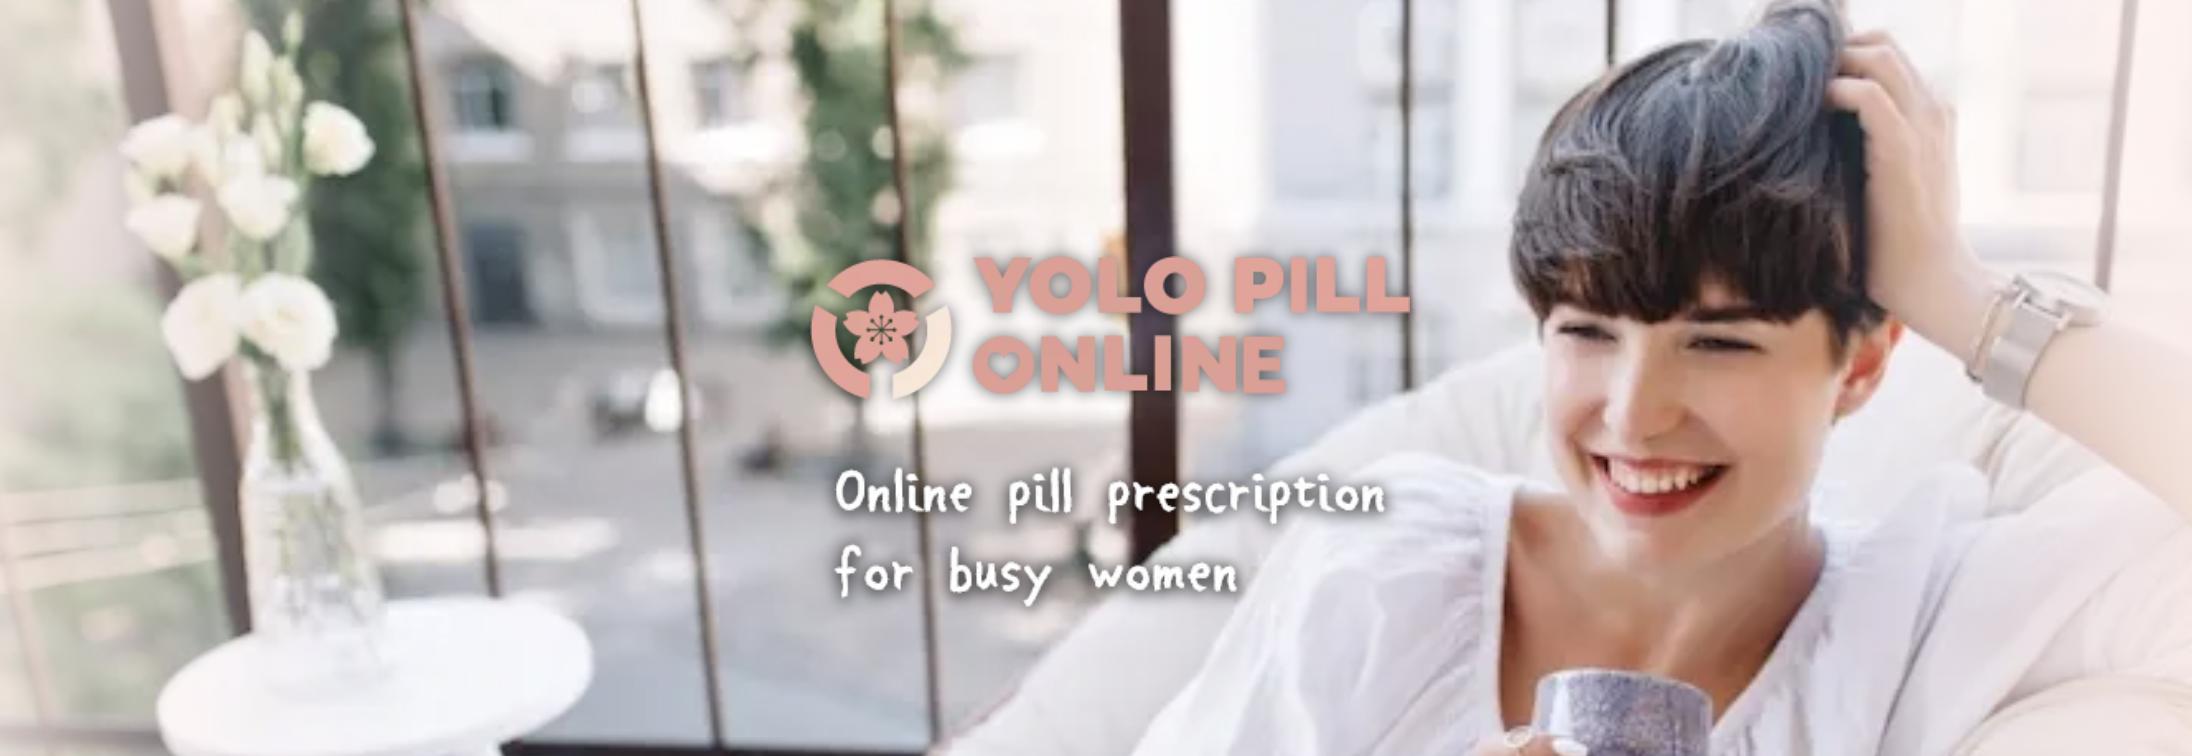 YOLO PILL ONLINE